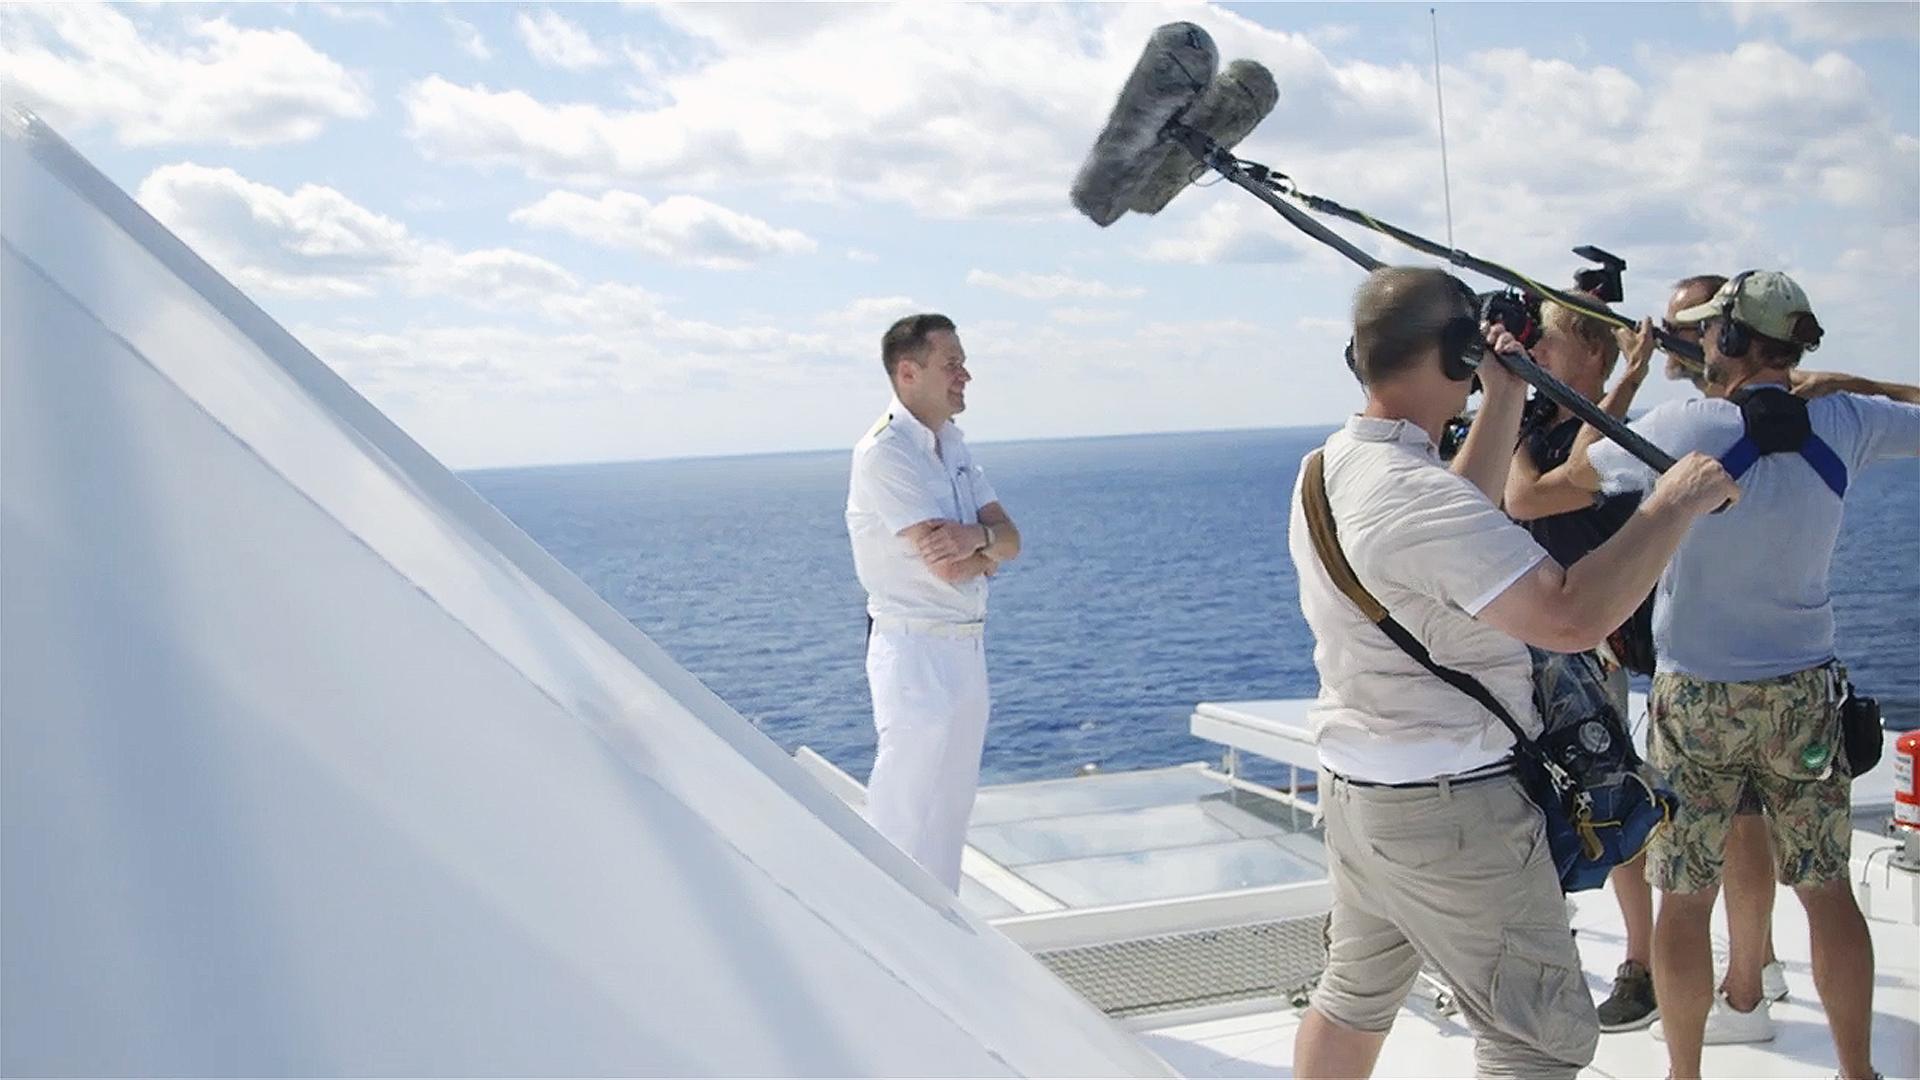 Ein Blick hinter die Kulissen auf der Mein Schiff 1 mit Servus TV